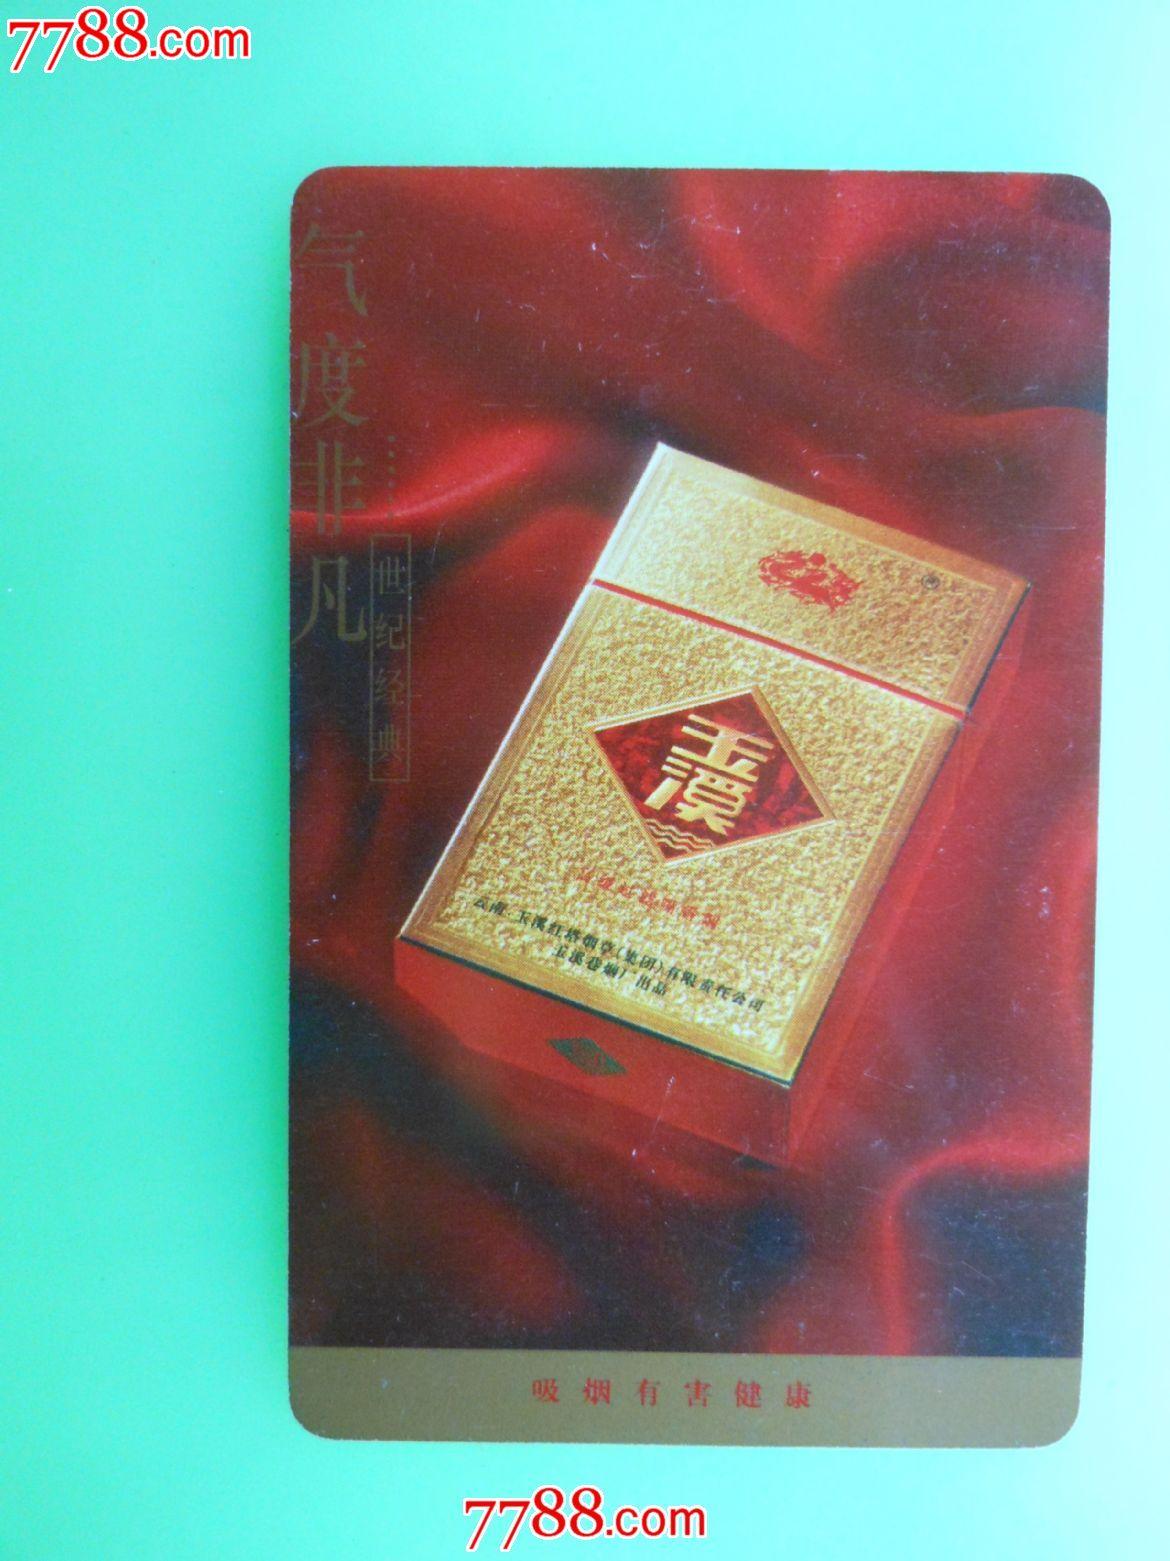 玉溪—香烟年历卡